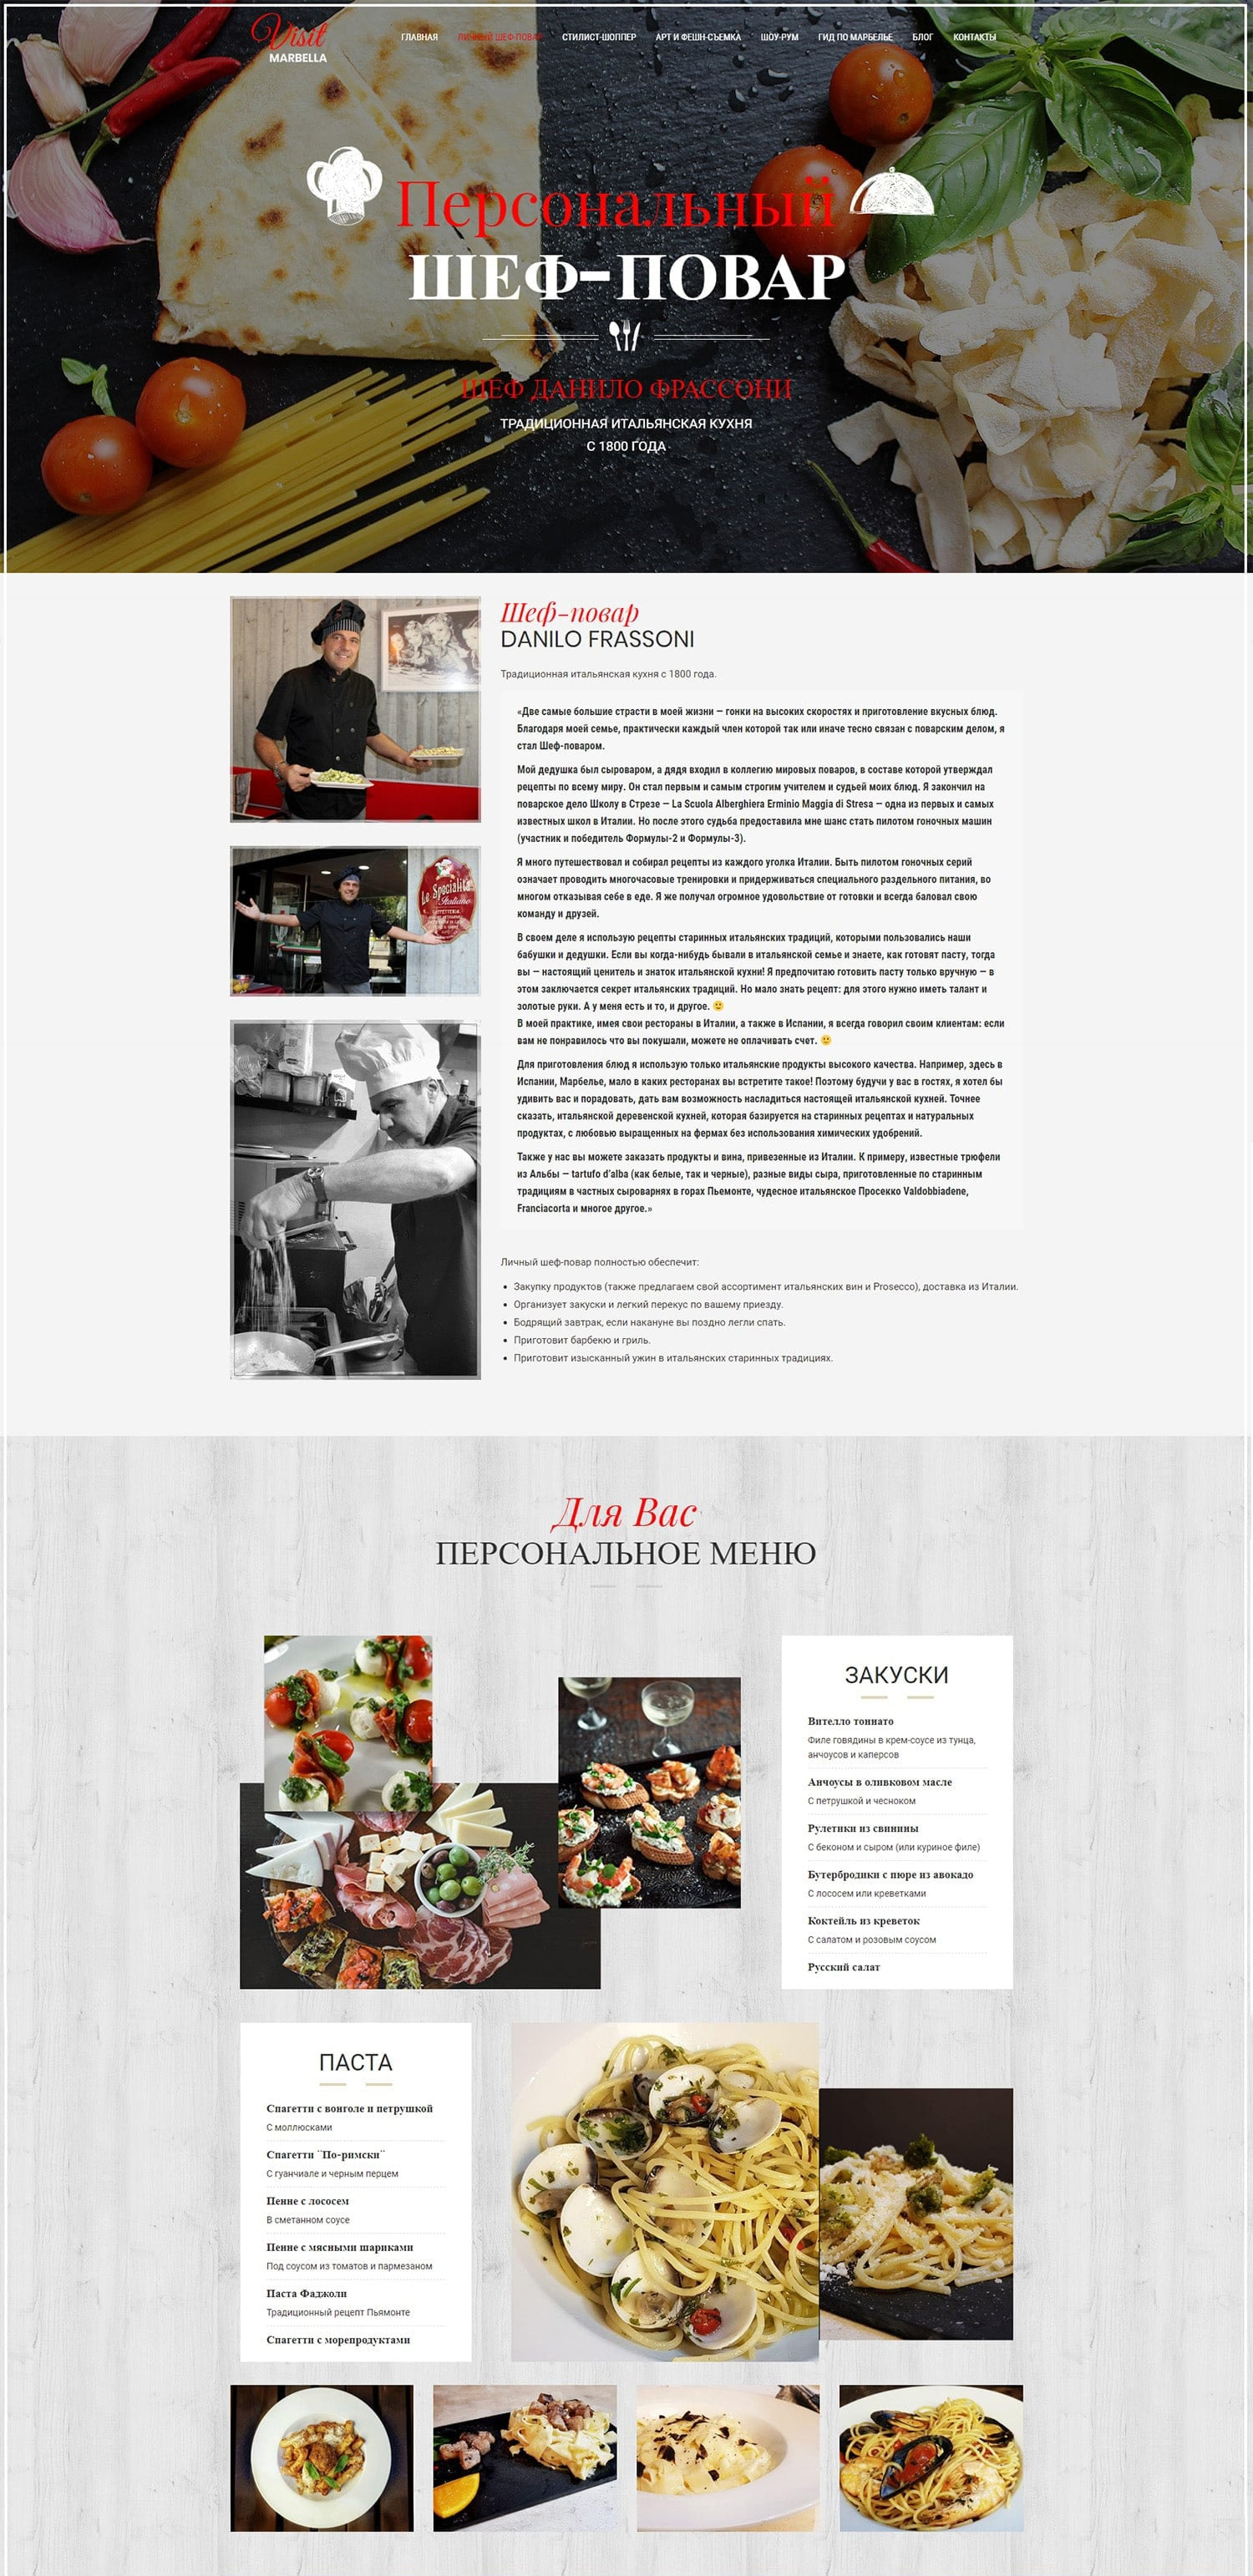 Личный шеф-повар в Марбелье - лендинг сайт на заказ